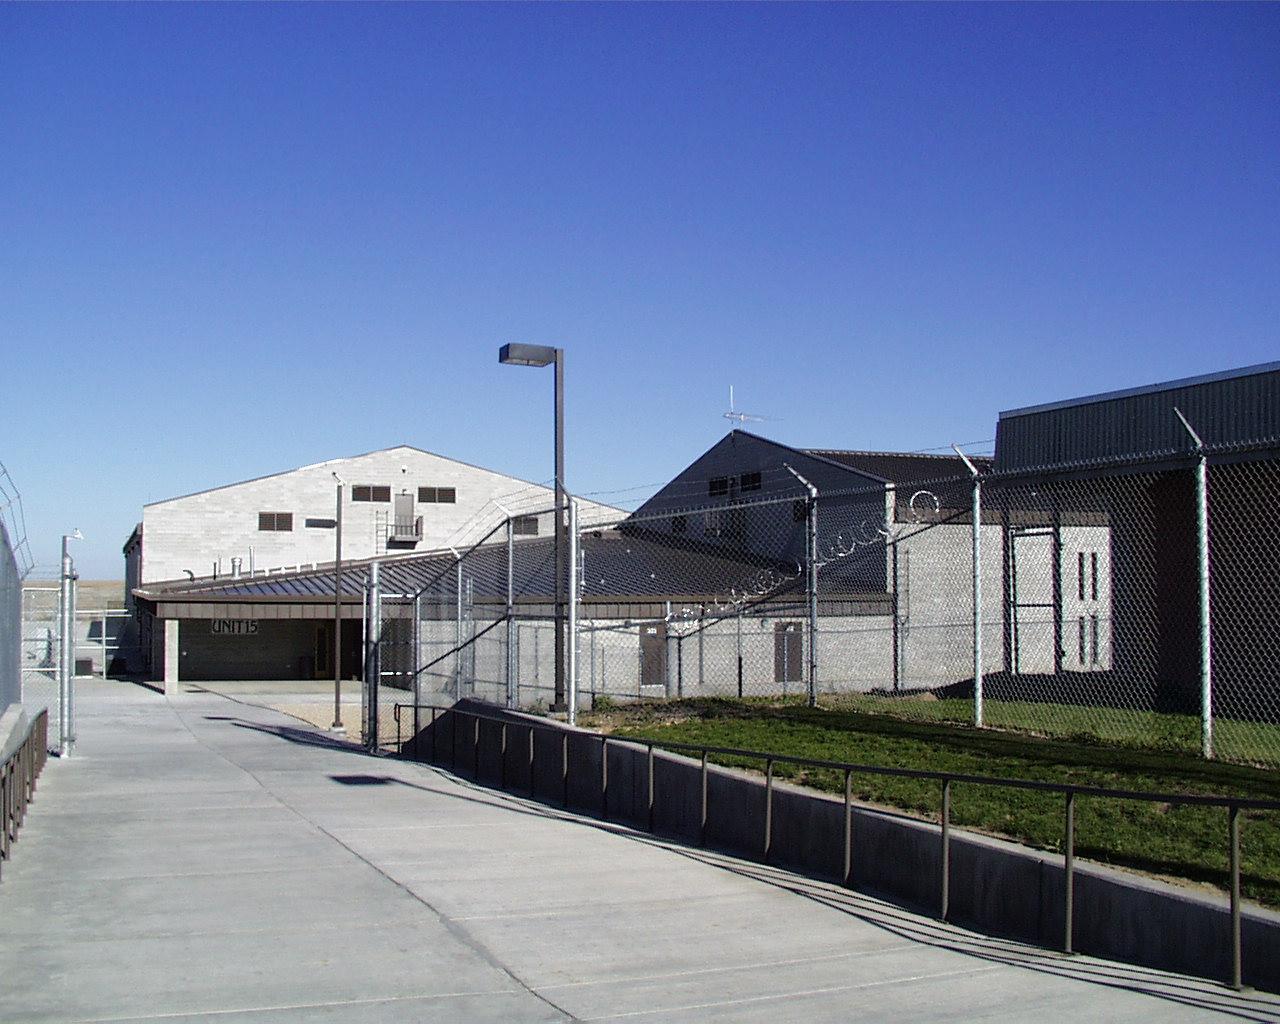 Idaho State Penitentiary